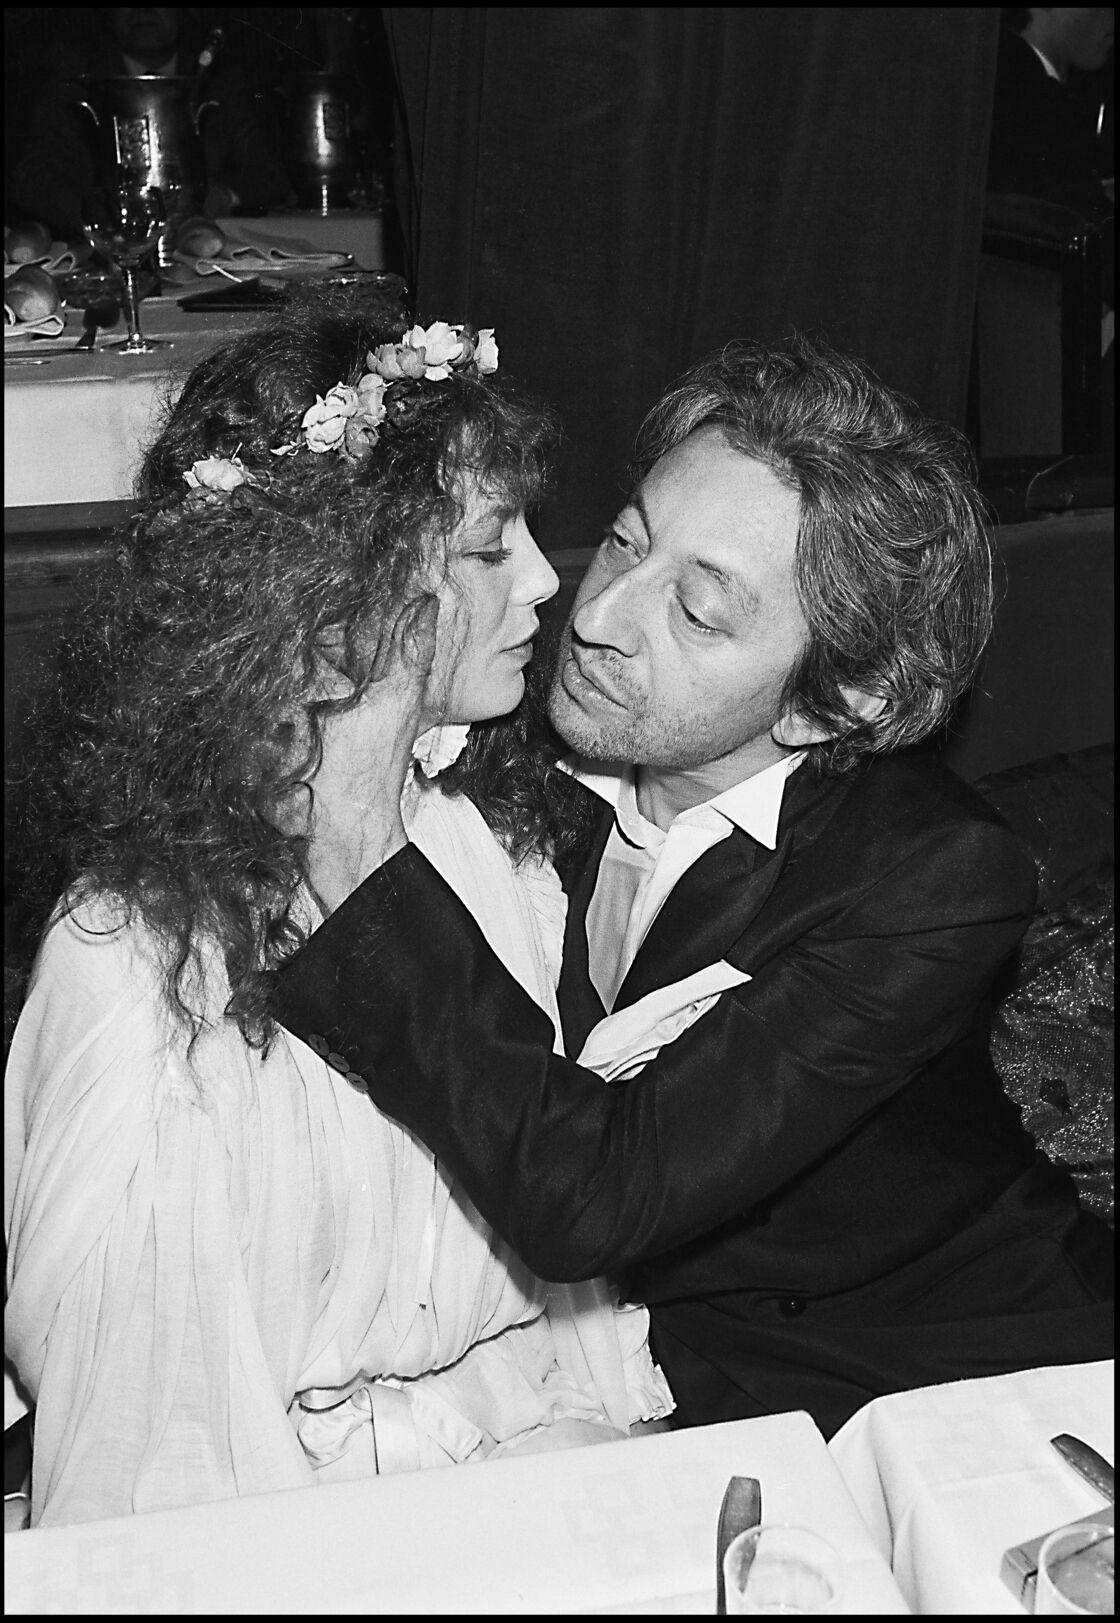 Serge et Jane, deux ans avant leur séparation, en 1978, attablés chez Raspoutine... Jane s'est lassée de leur vie nocturne, mais Serge la retient encore.